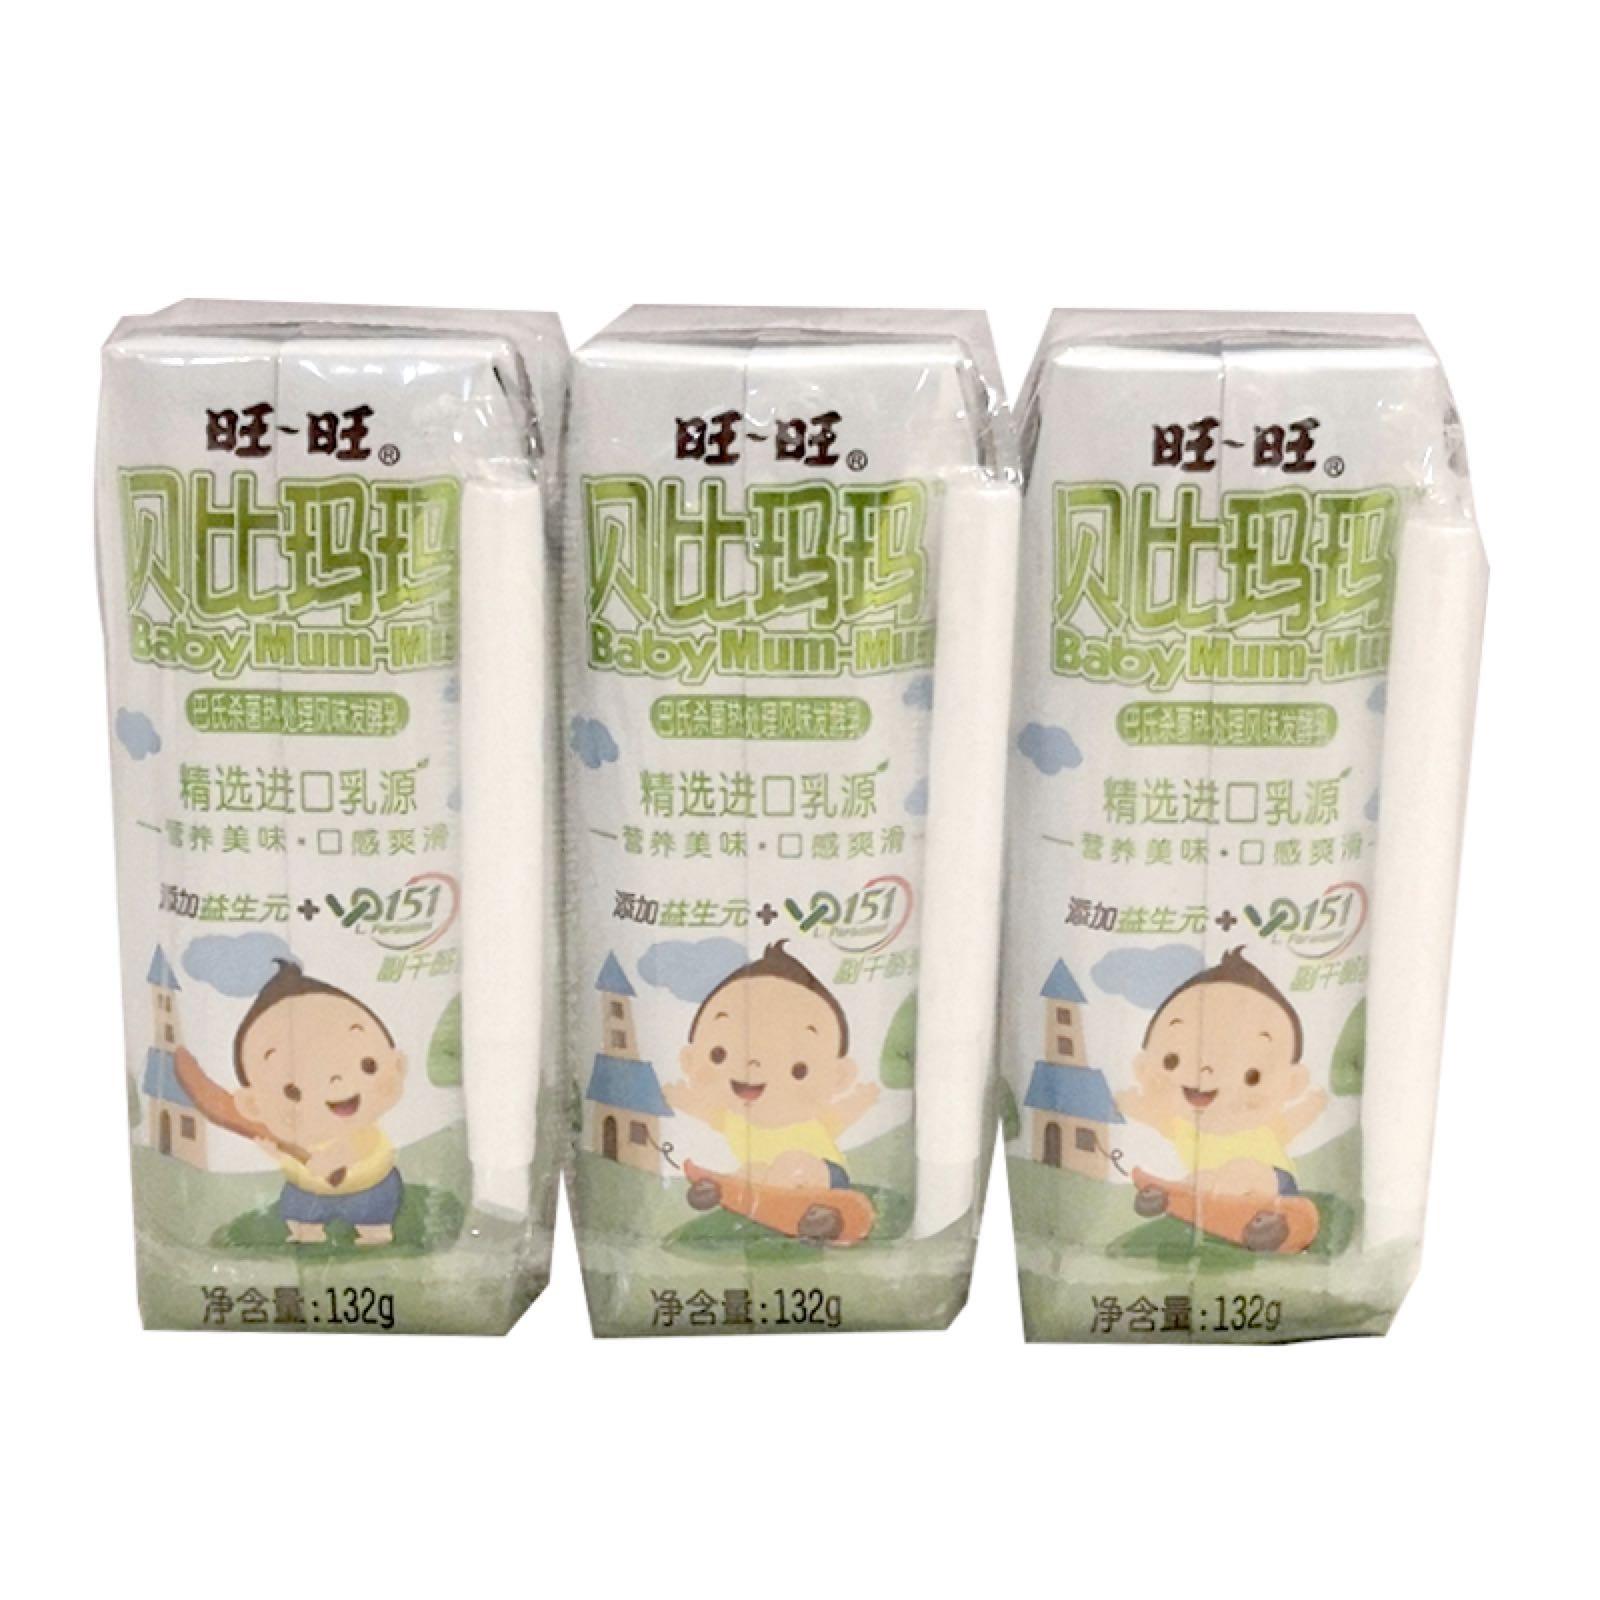 贝比玛玛巴氏杀菌热处理风味发酵乳132g*3包/排